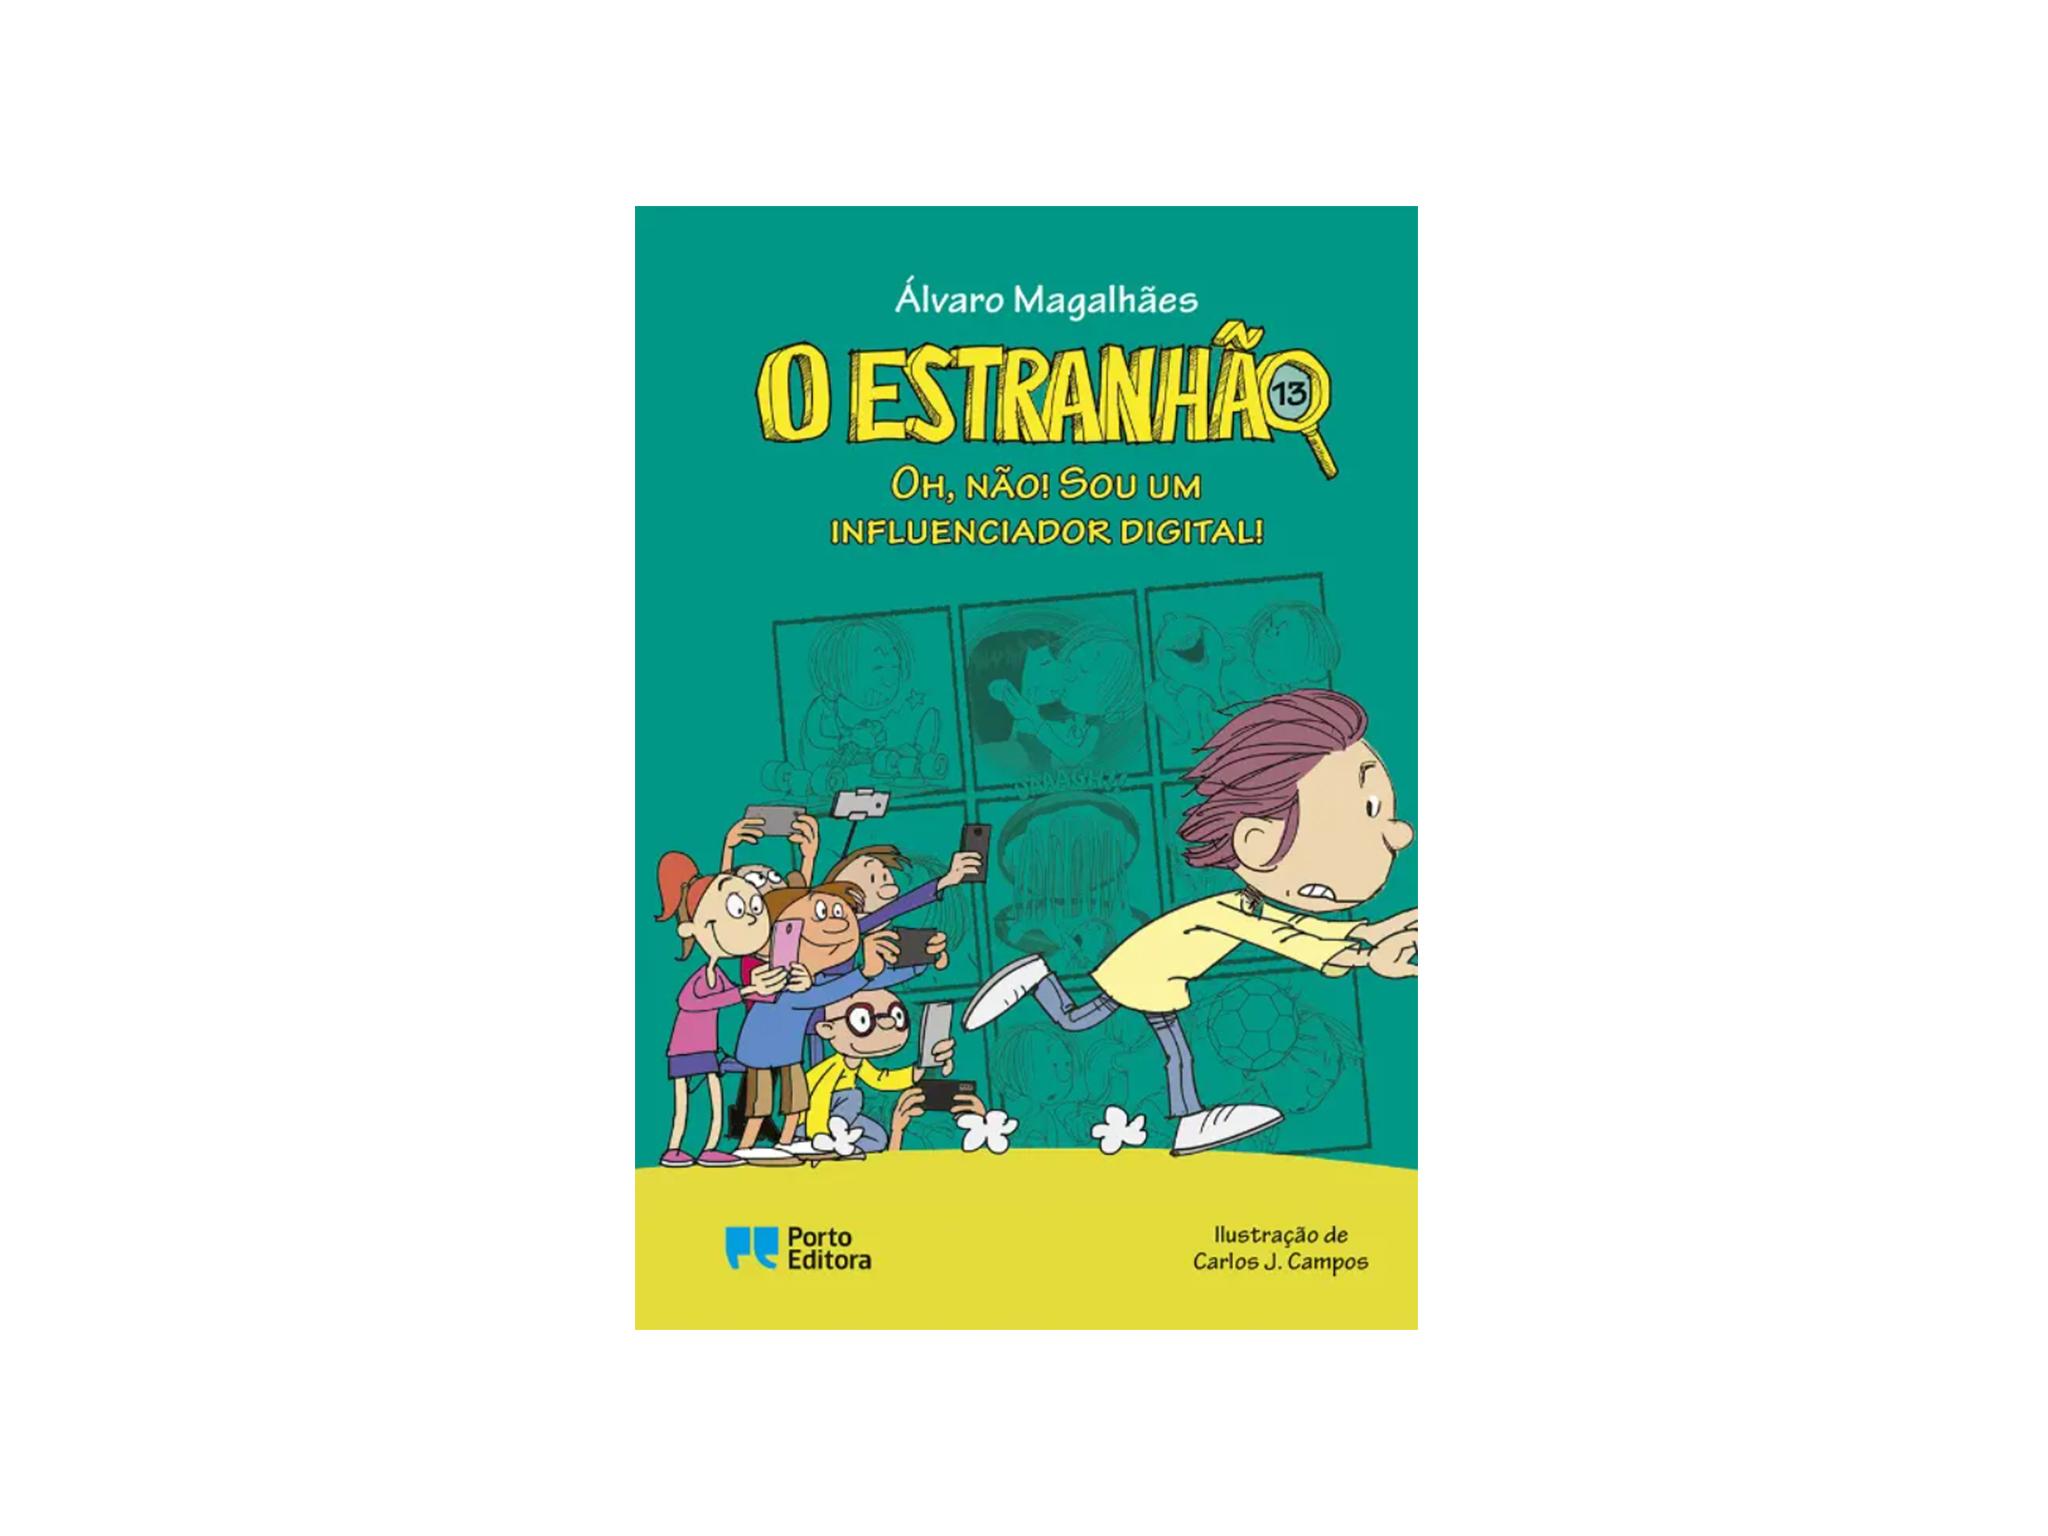 Livro, Infanto-juvenil, O Estranhão, Oh, não! Sou um influenciador digital!, Álvaro Magalhães